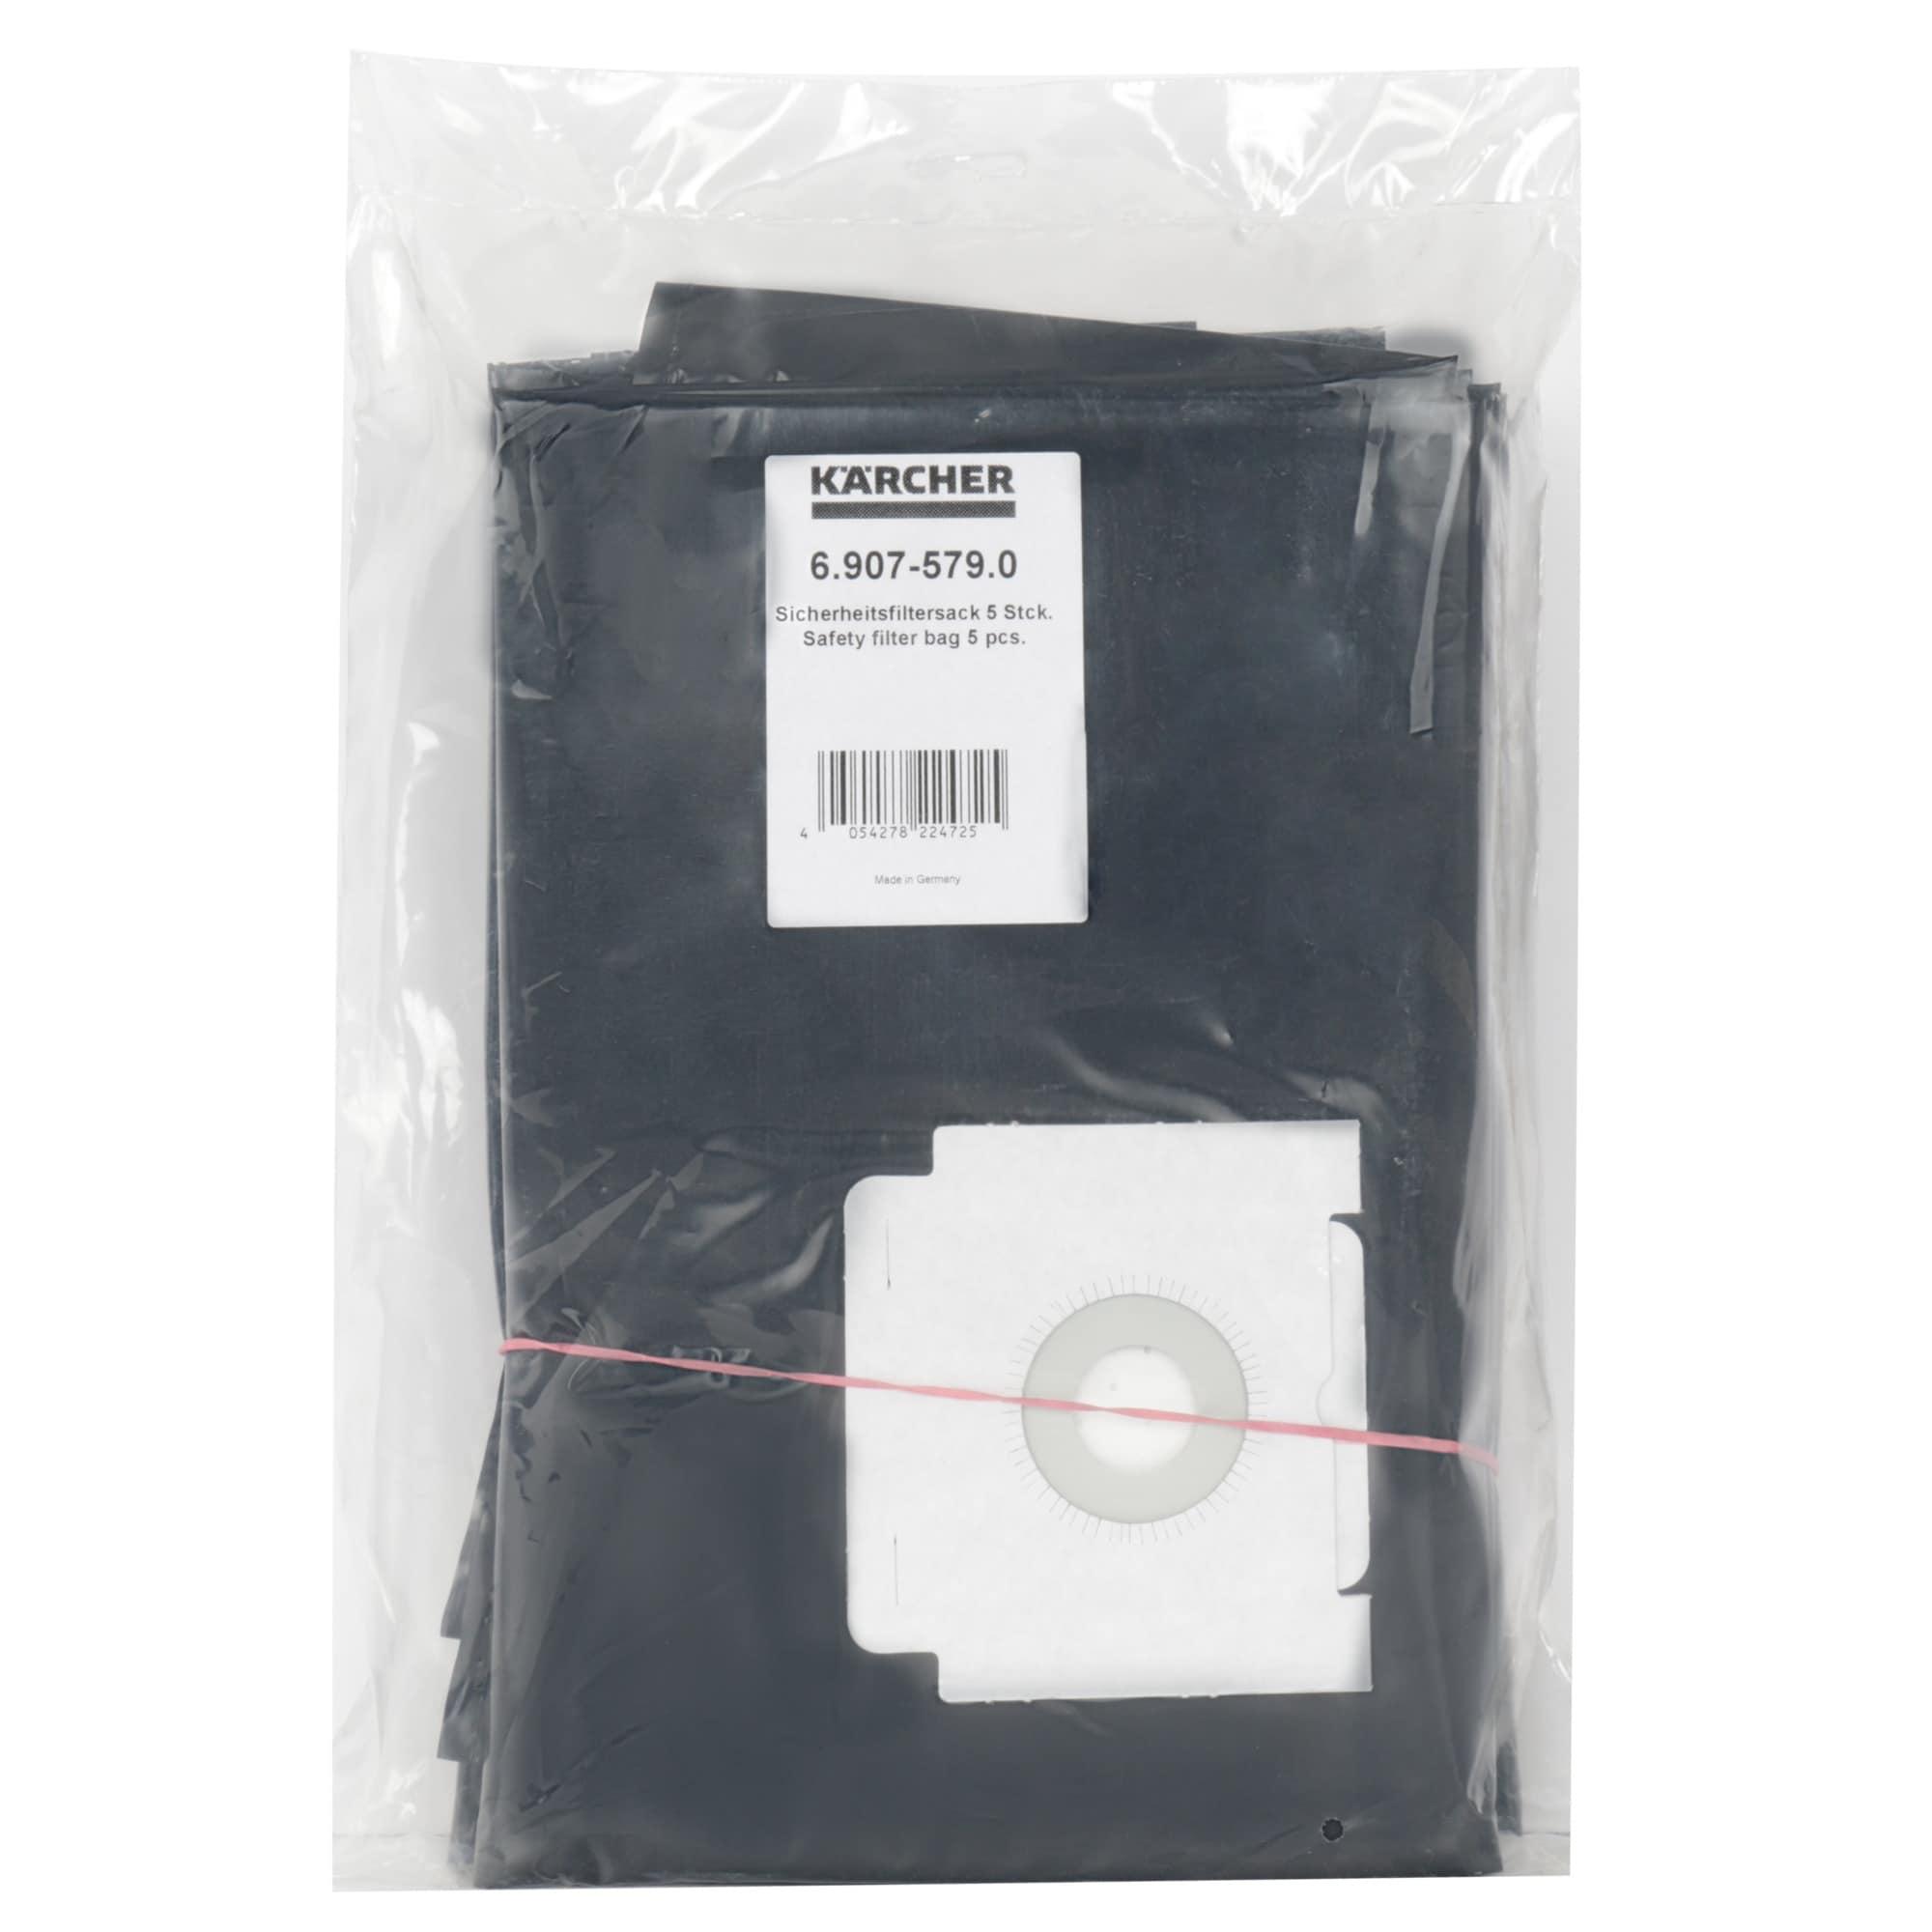 Kärcher Staubsaugerbeutel Sicherheitsfiltersack 6.907-579.0 mit Entsorgungsbeutel